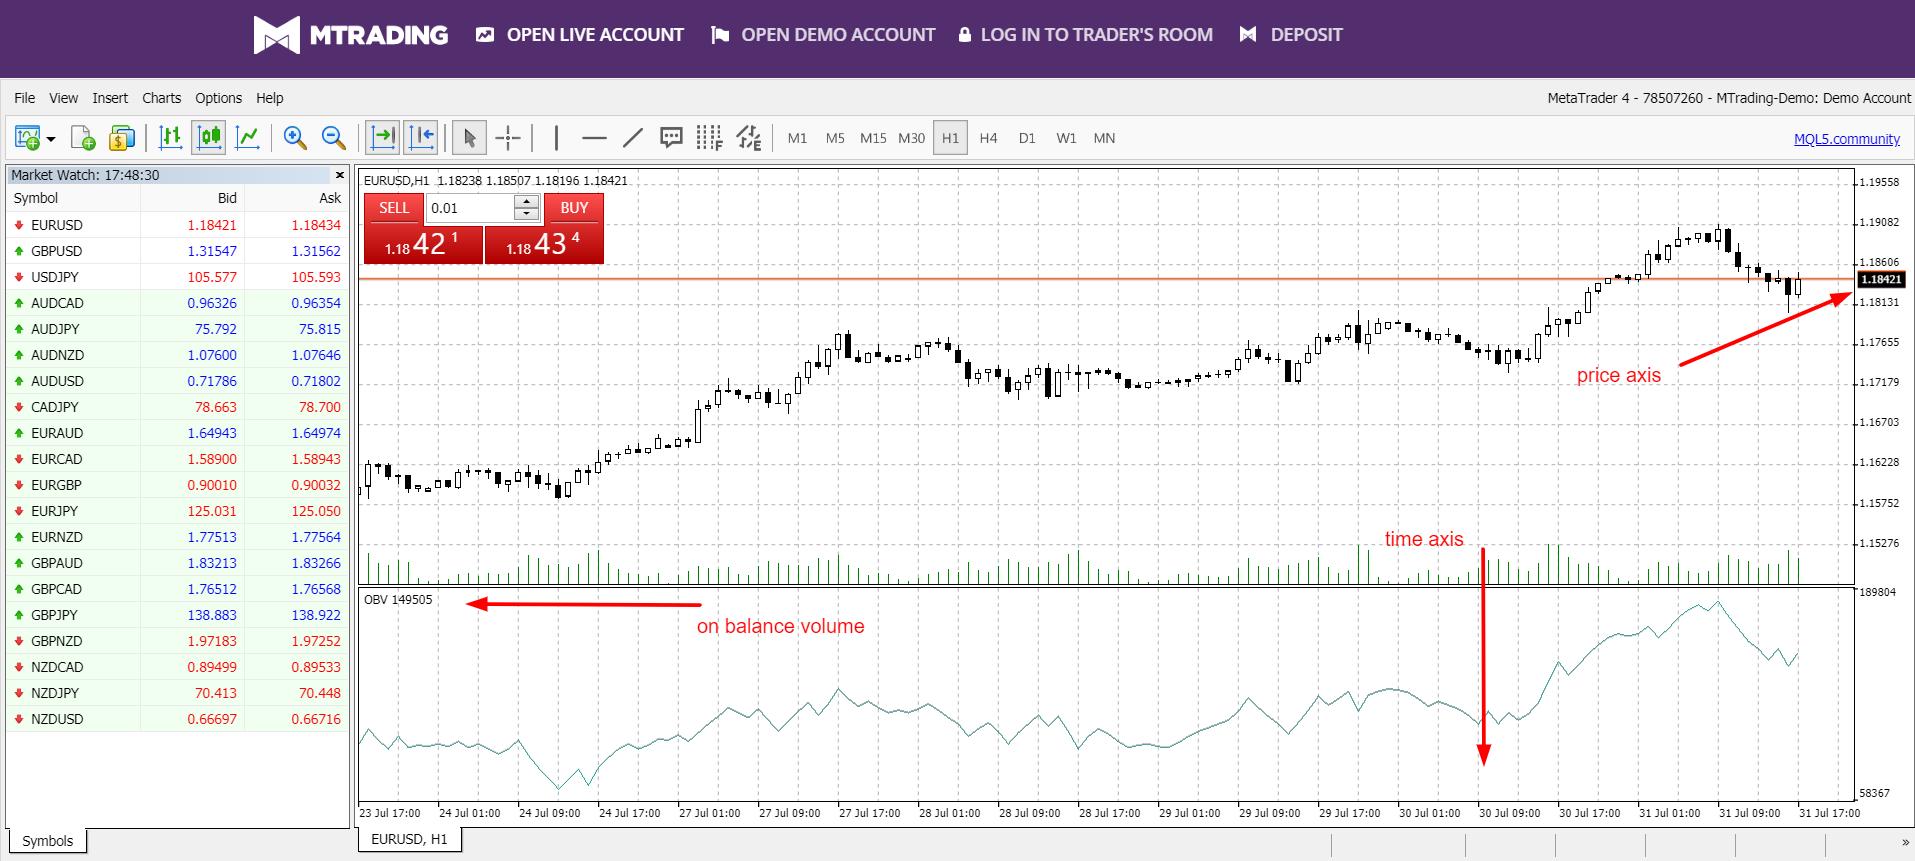 biểu đồ giá và khối lượng giao dịch chứng khoán